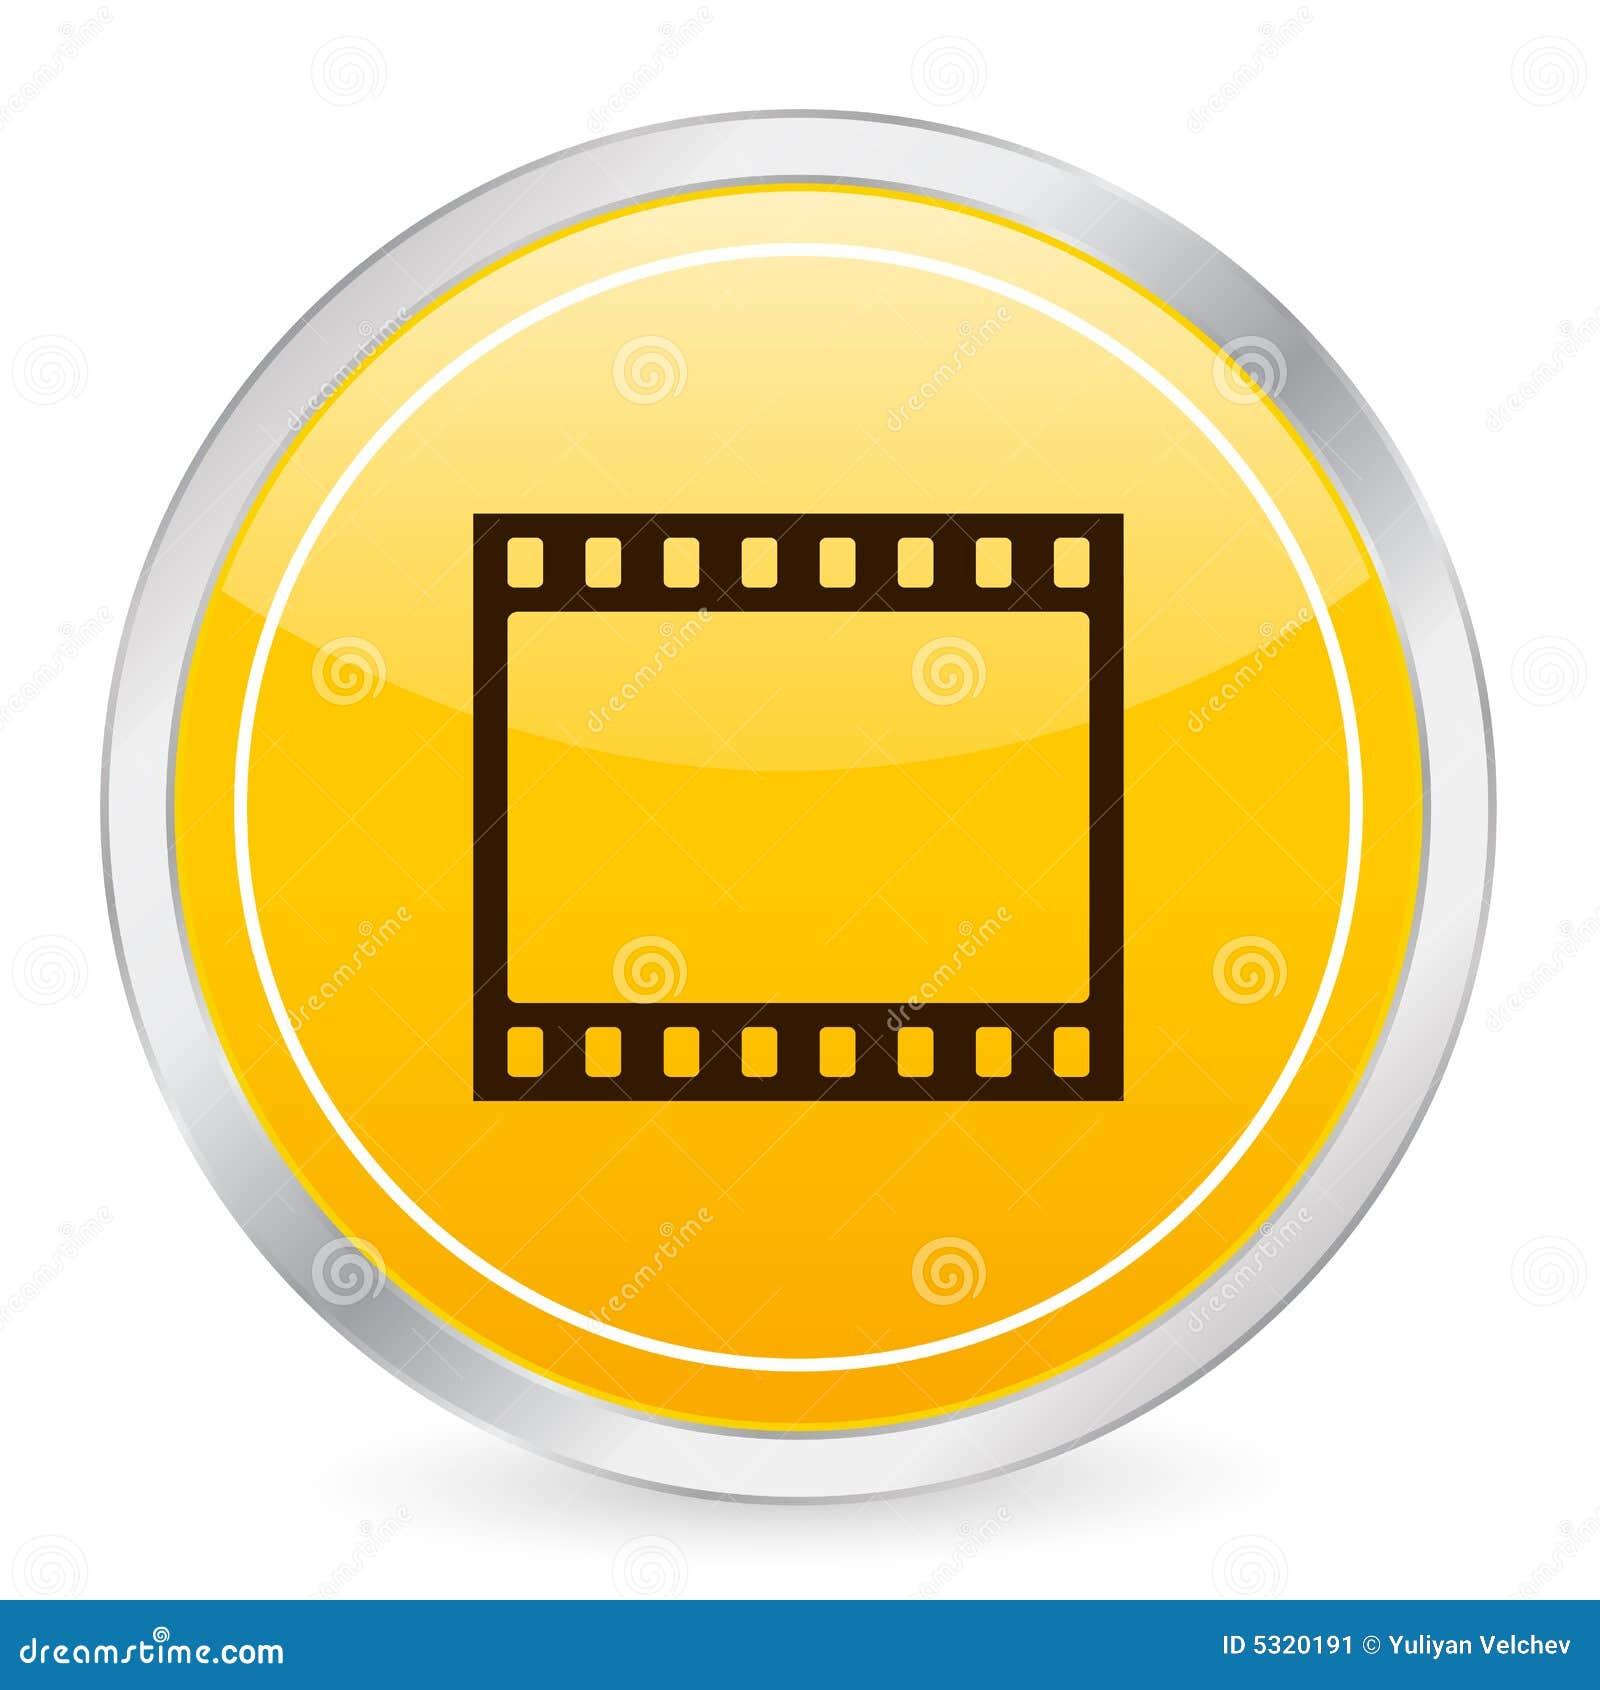 Download Icona Del Cerchio Di Colore Giallo Della Striscia Della Pellicola Illustrazione Vettoriale - Illustrazione di figura, nearsighted: 5320191